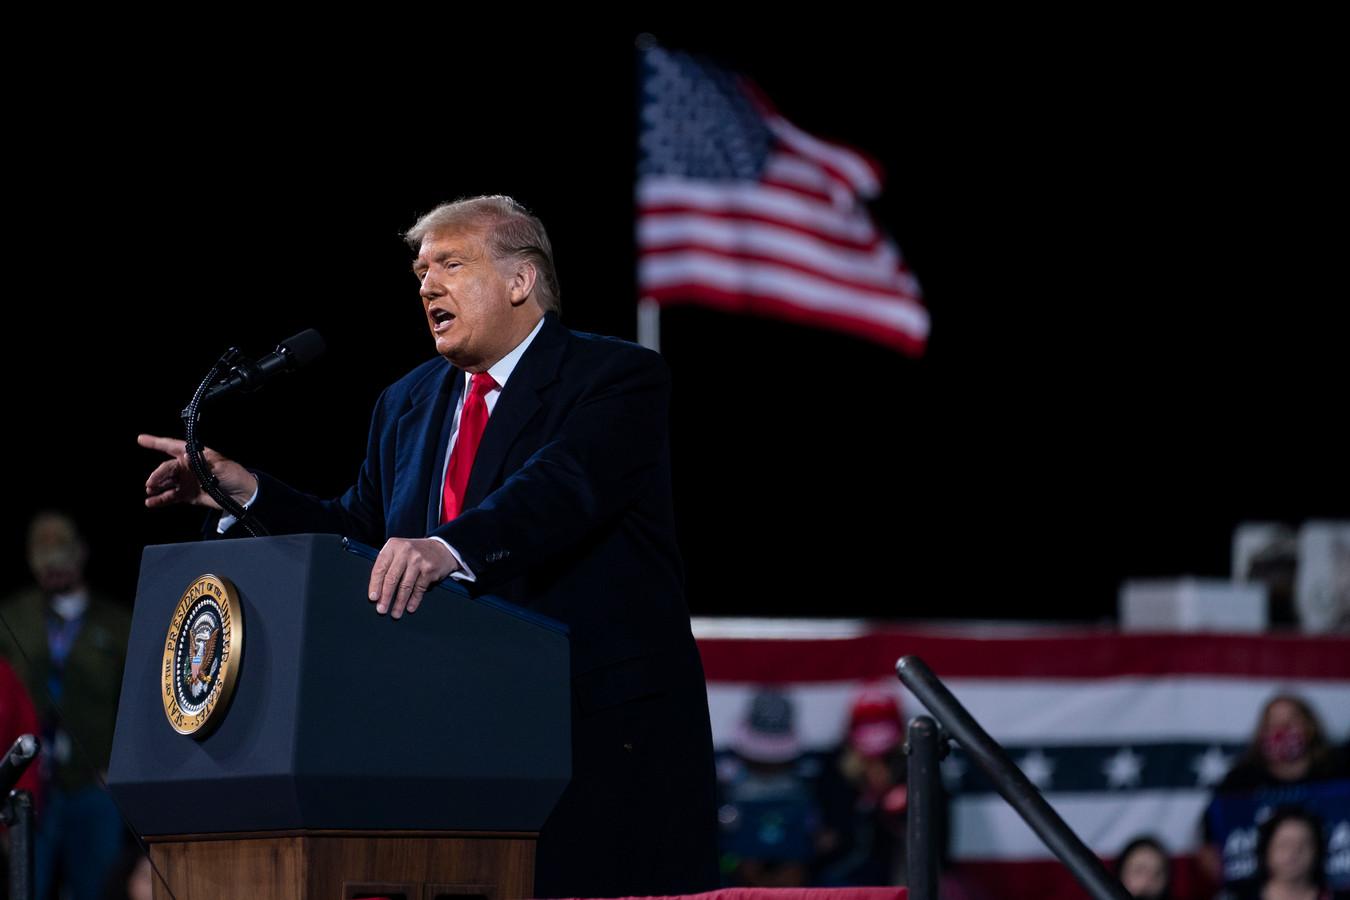 President Donald Trump tijdens de verkiezingbijeenkomst zaterdag op het vliegveld van Fayetteville (North-Carolina).